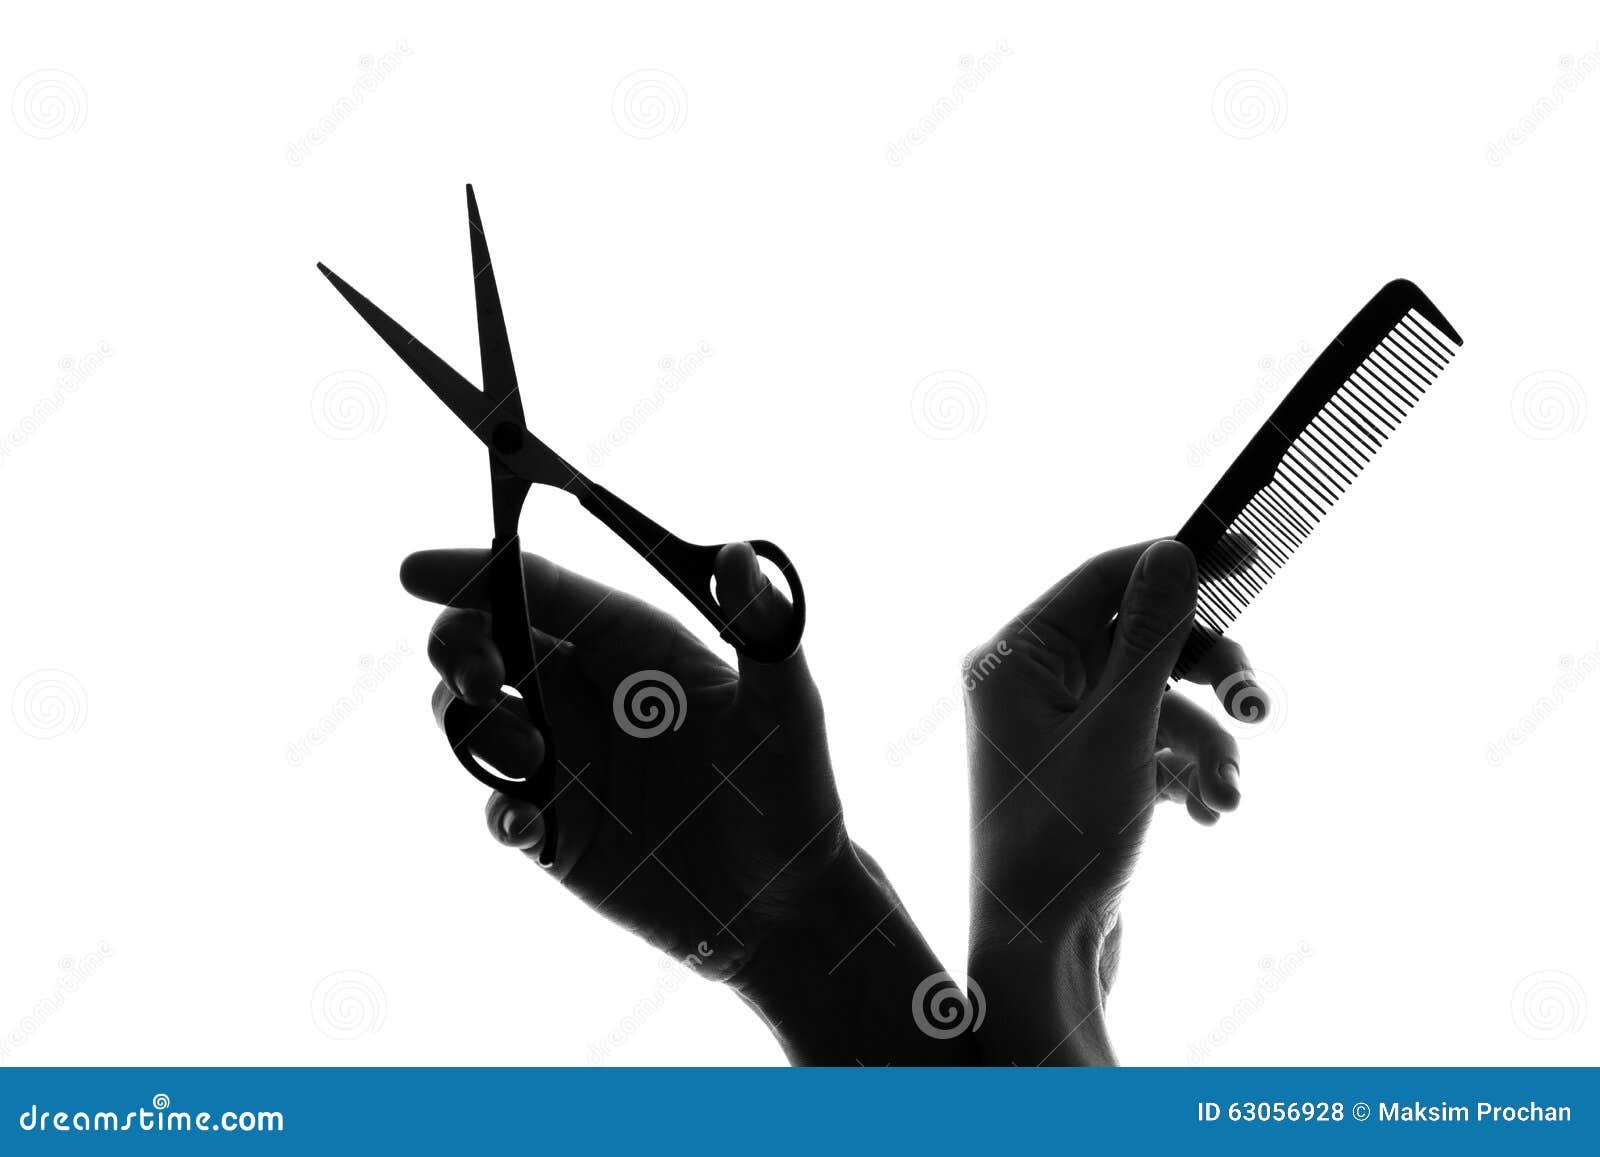 Main de silhouette avec un peigne et des ciseaux